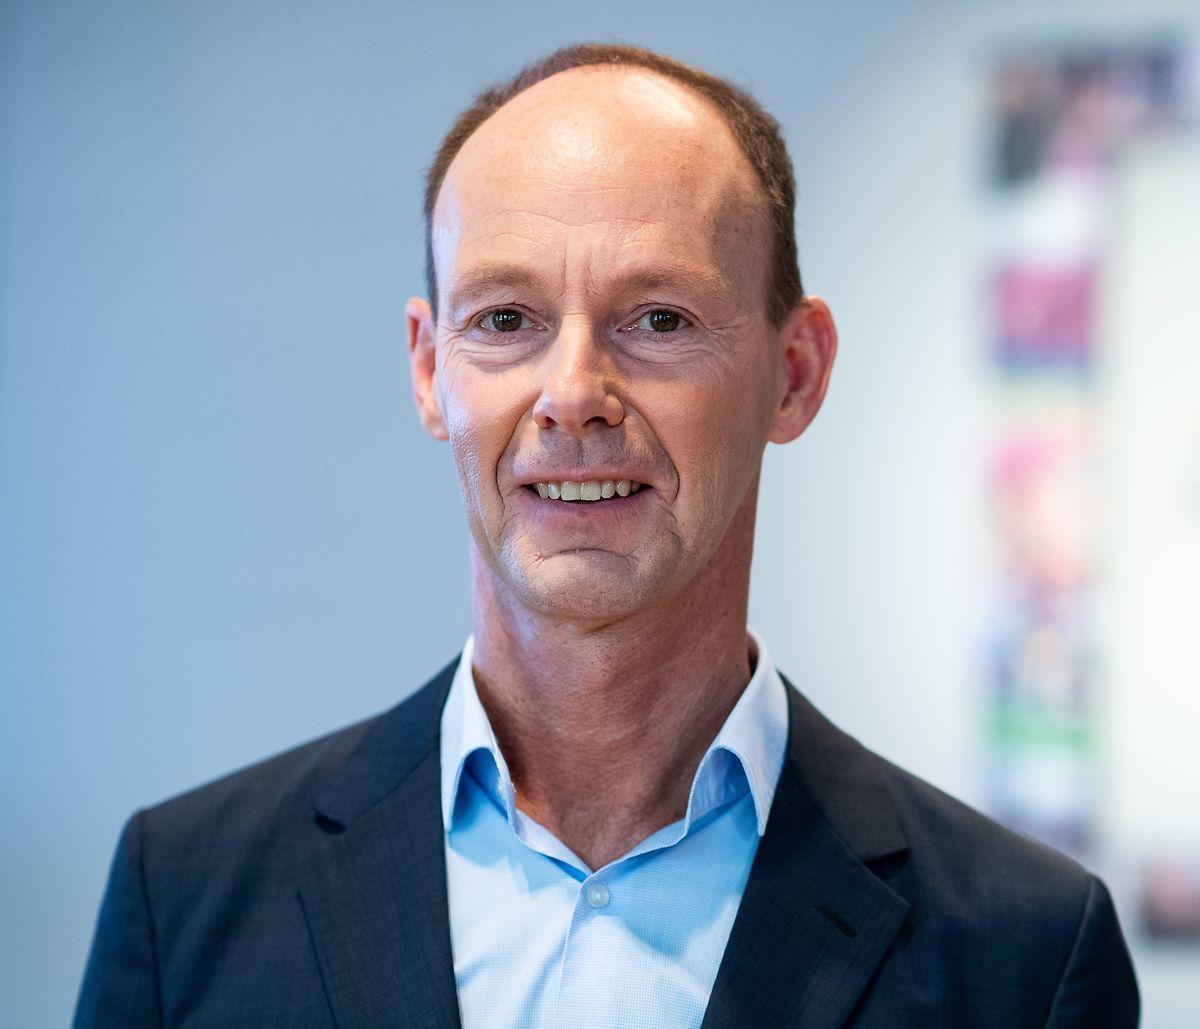 Der in Luxemburg geborene Thomas Rabe ist Chef von Bertelsmann und der RTL Group.